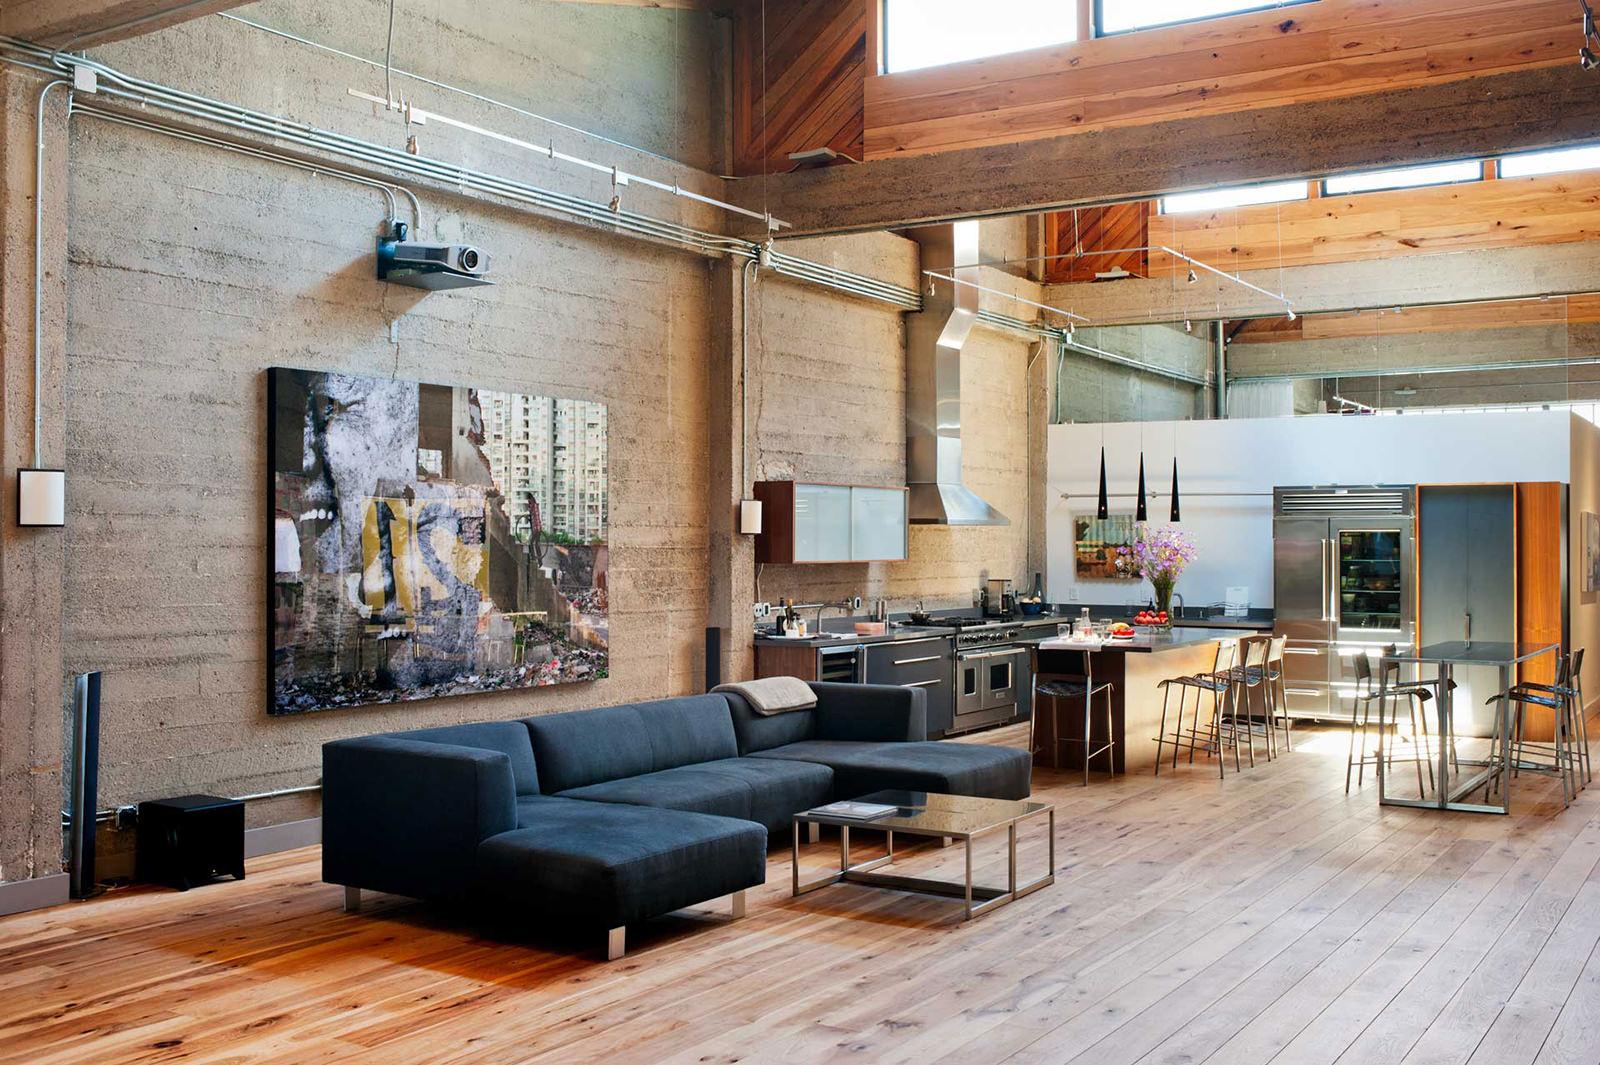 Стиль лофт: современная обстановка в старых декорациях